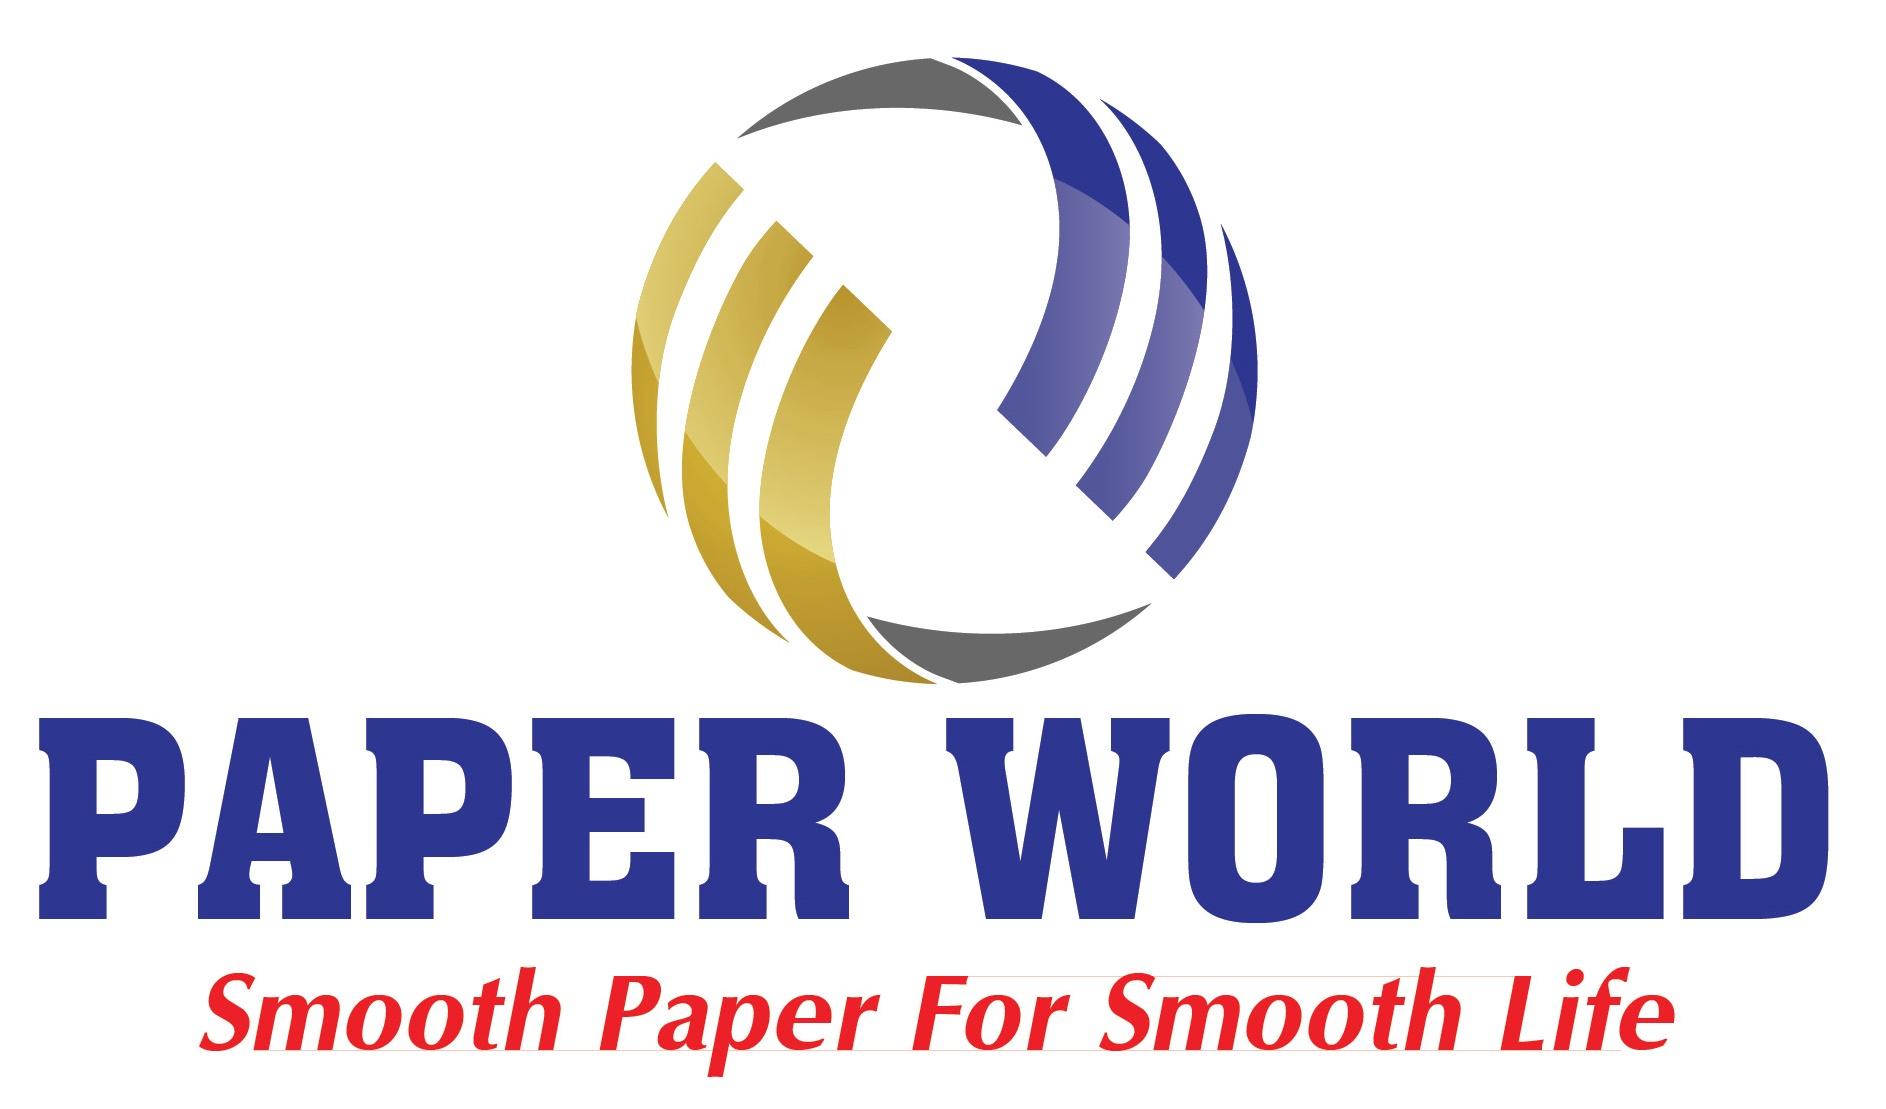 Danangpaper.com – Chuyên cung cấp giấy, hộp đựng giấy tại Đà Nẵng